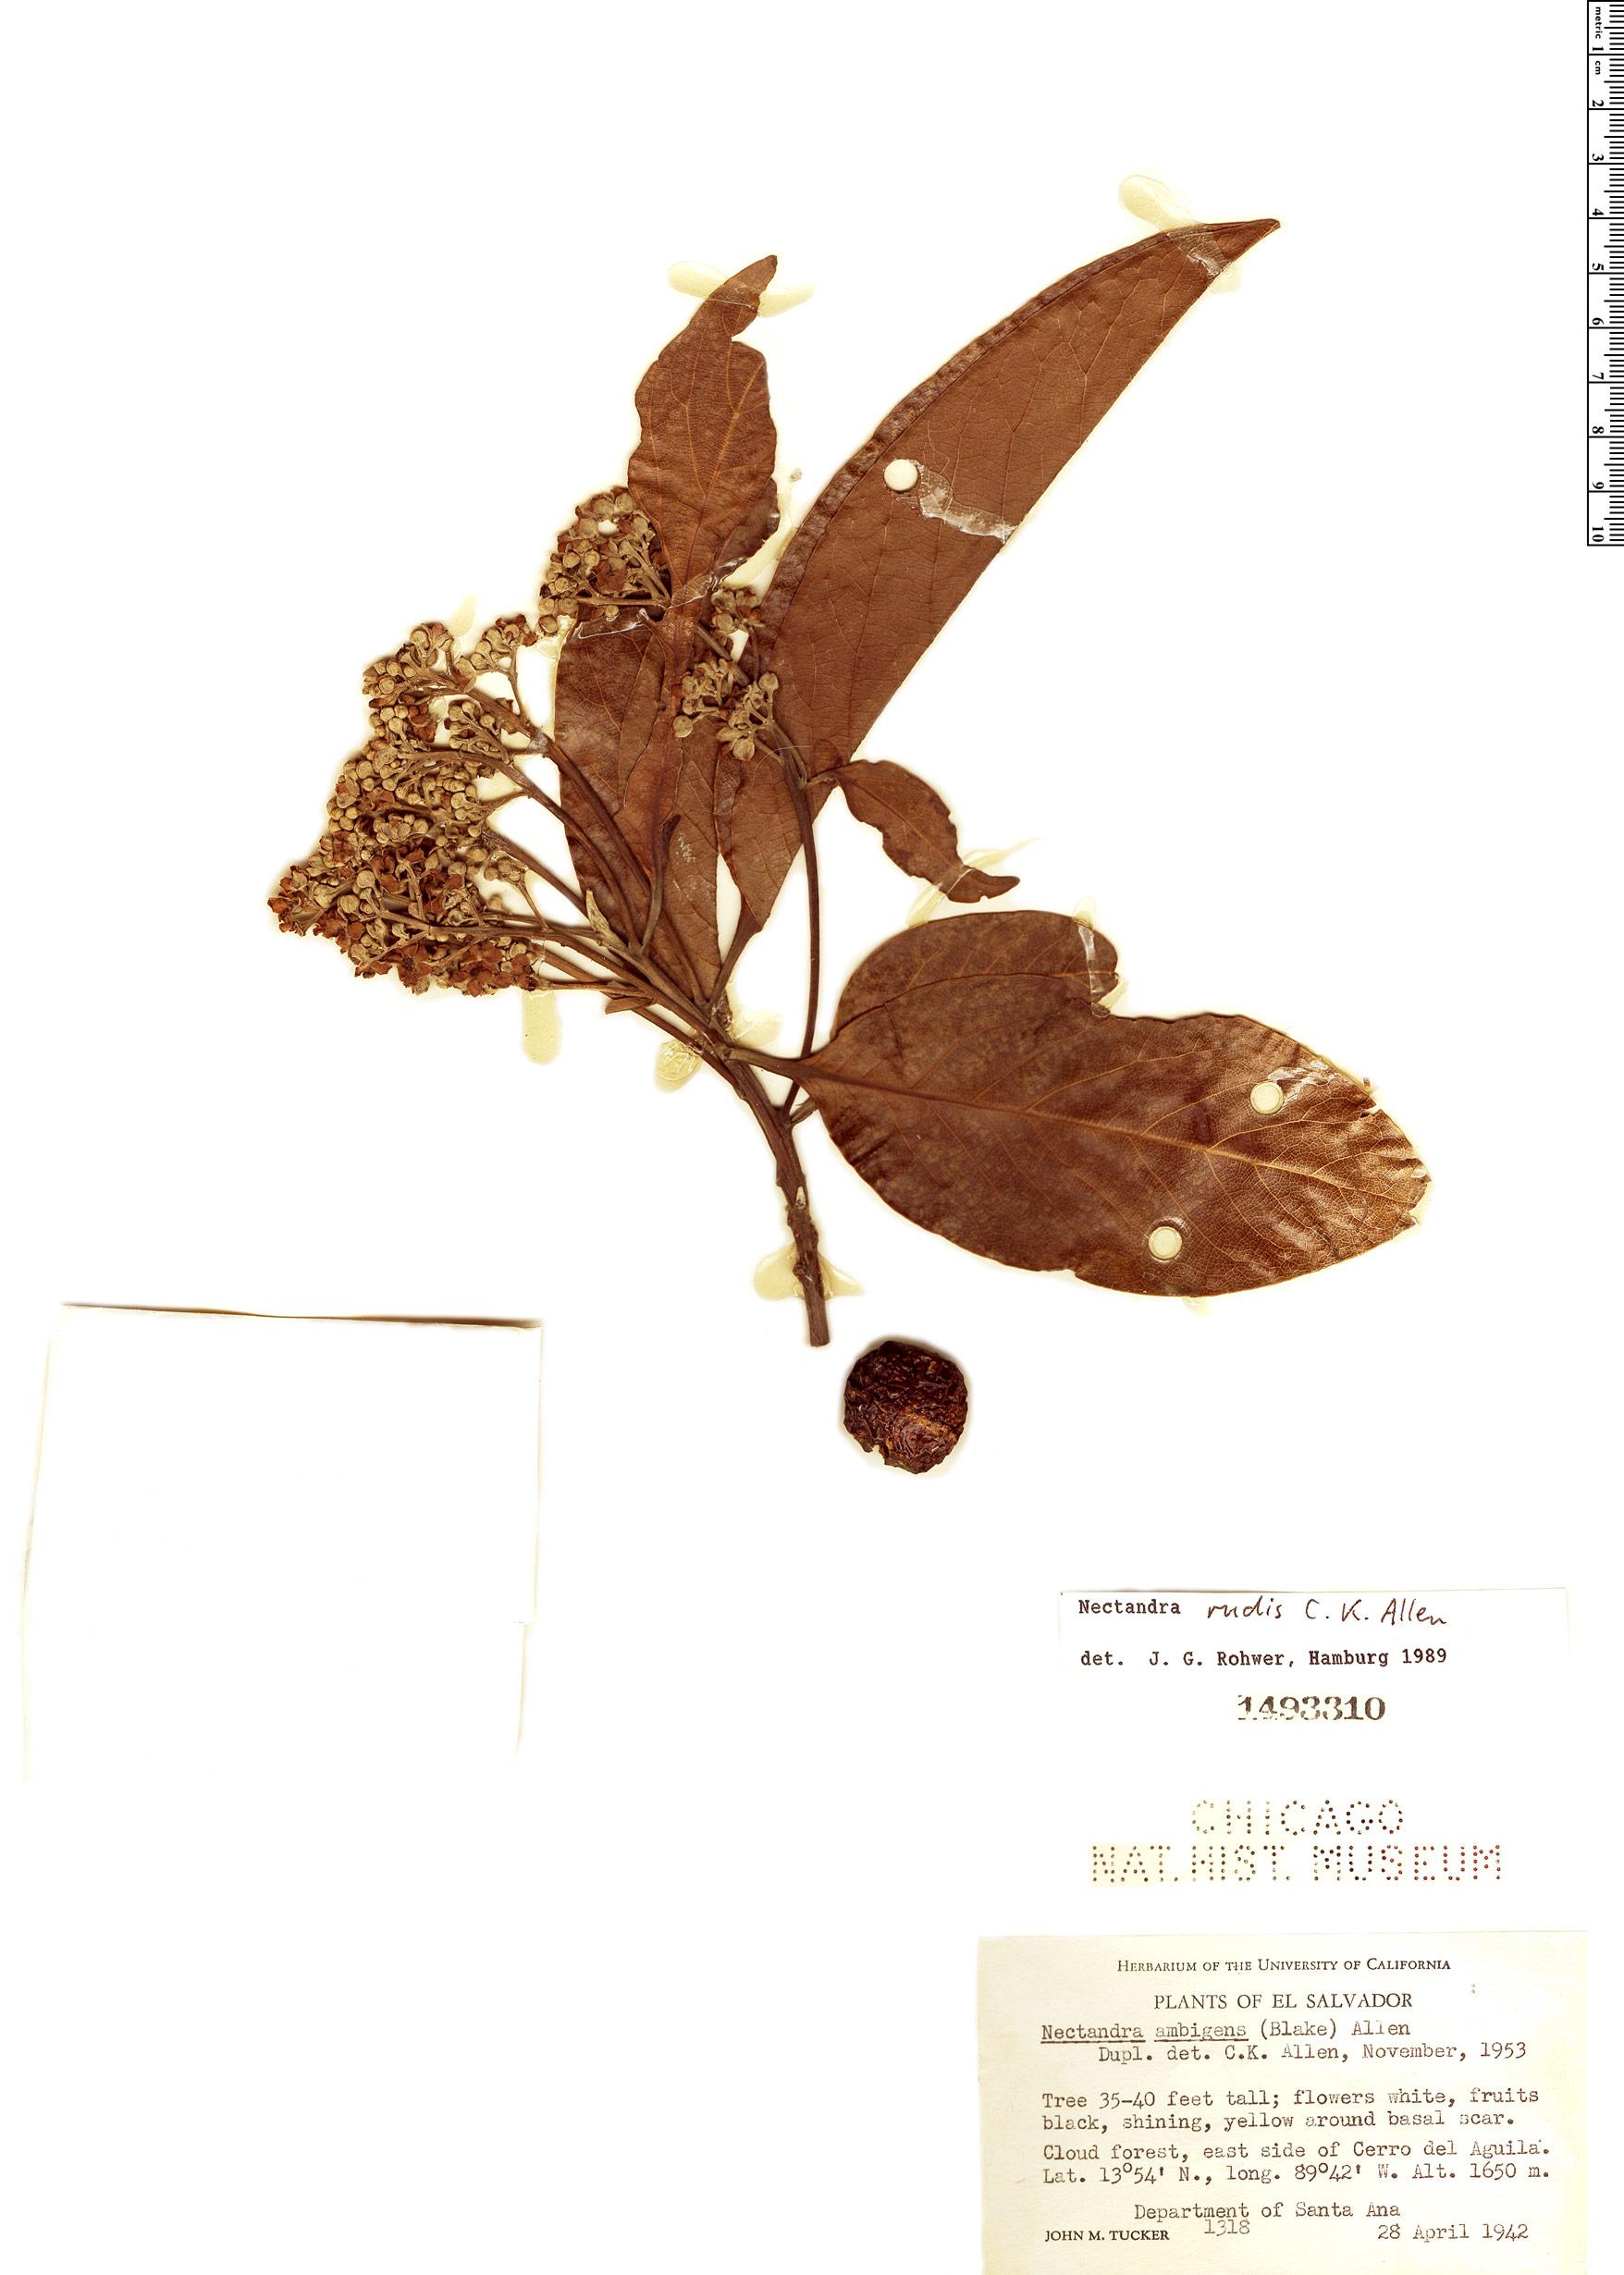 Specimen: Nectandra rudis